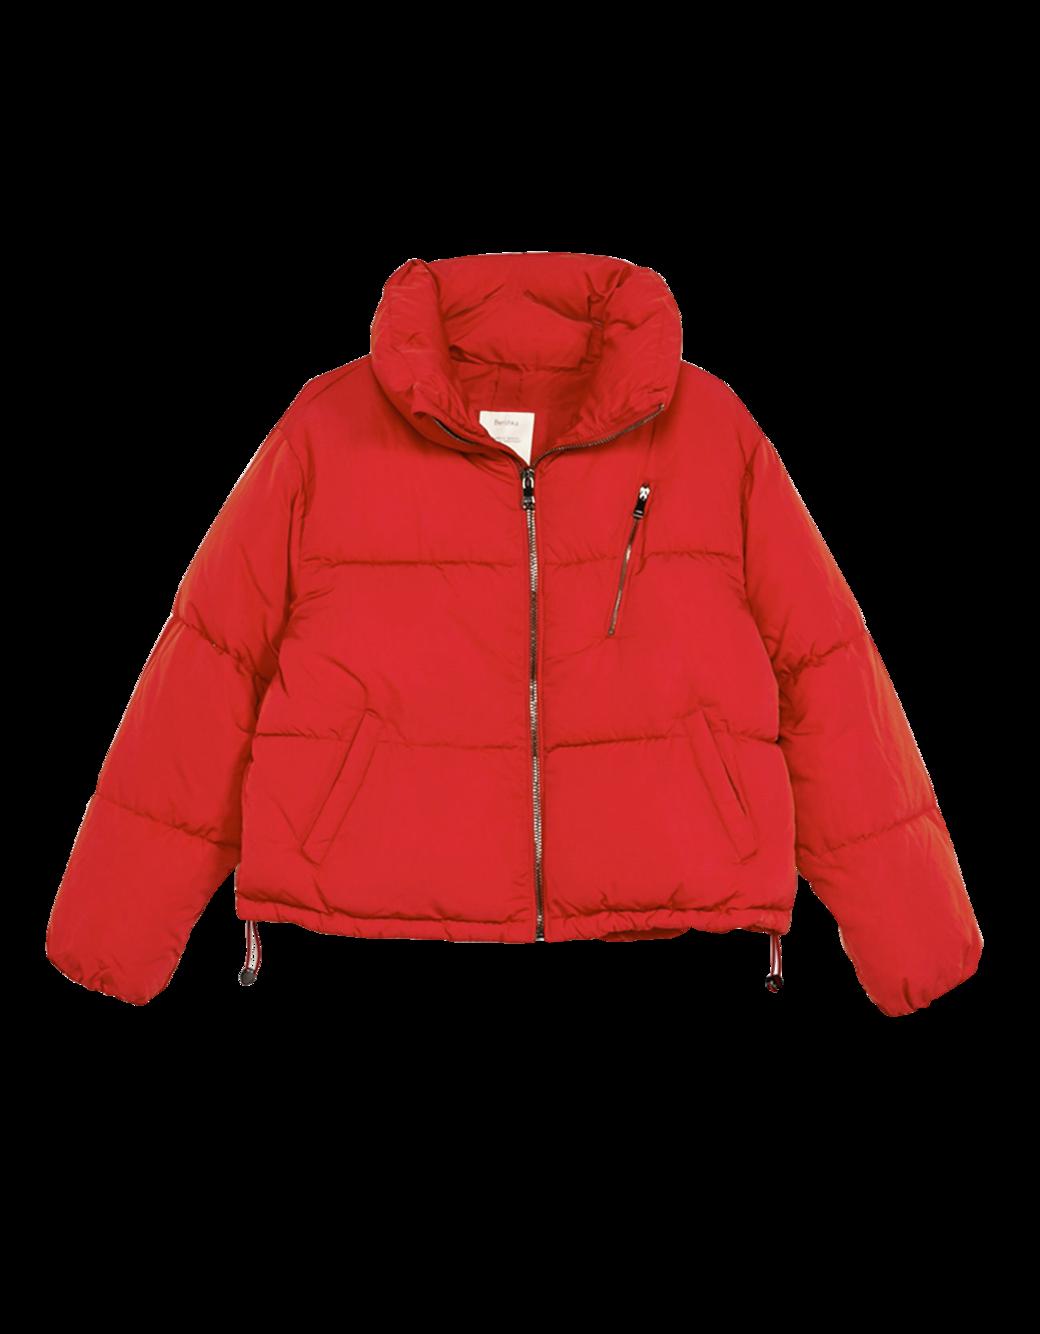 Что класть под ёлку: Самые модные вещи зимы. Изображение № 3.